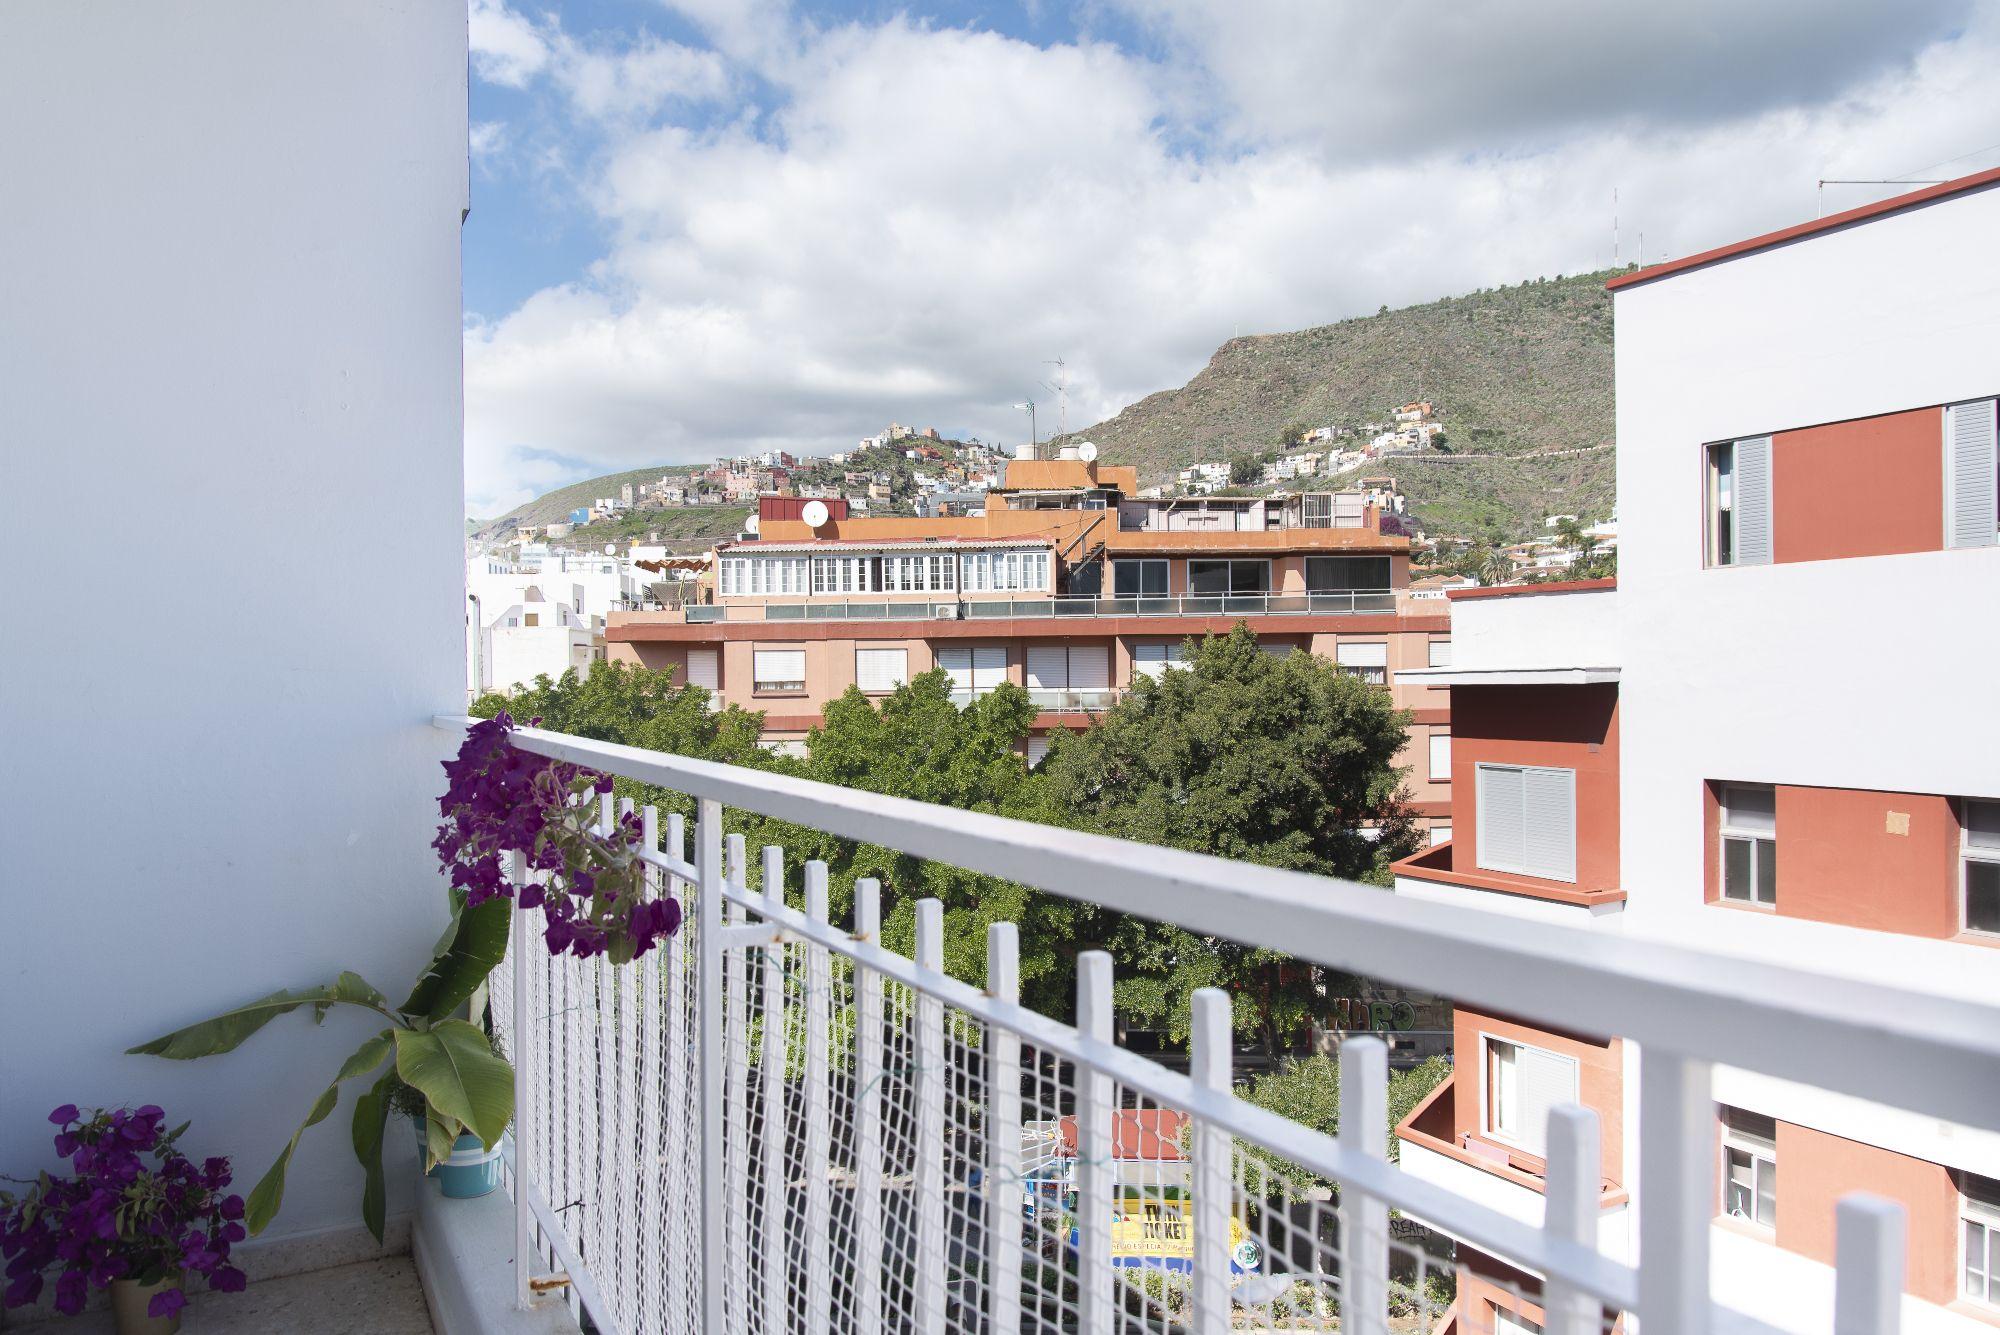 Pérez de Rozas - Vistas desde el balcón